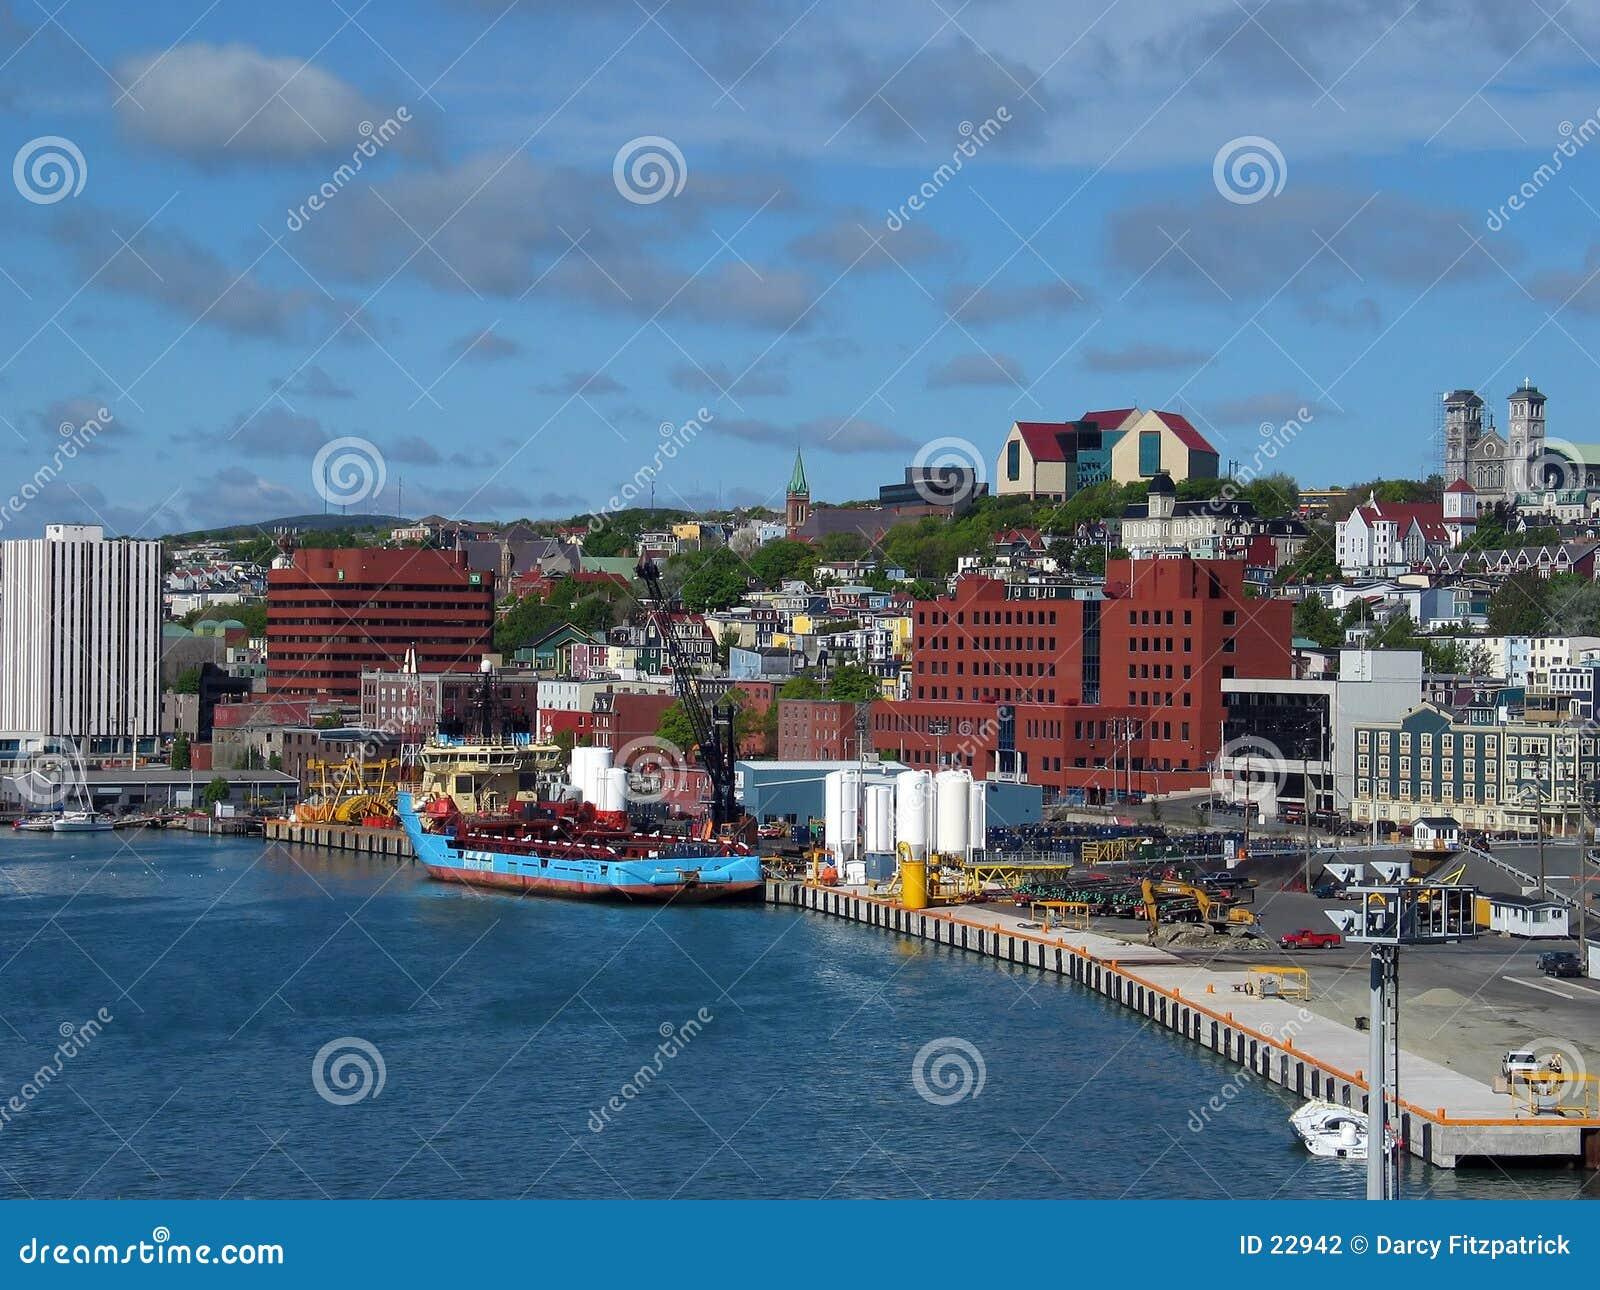 Stadt Harborfront